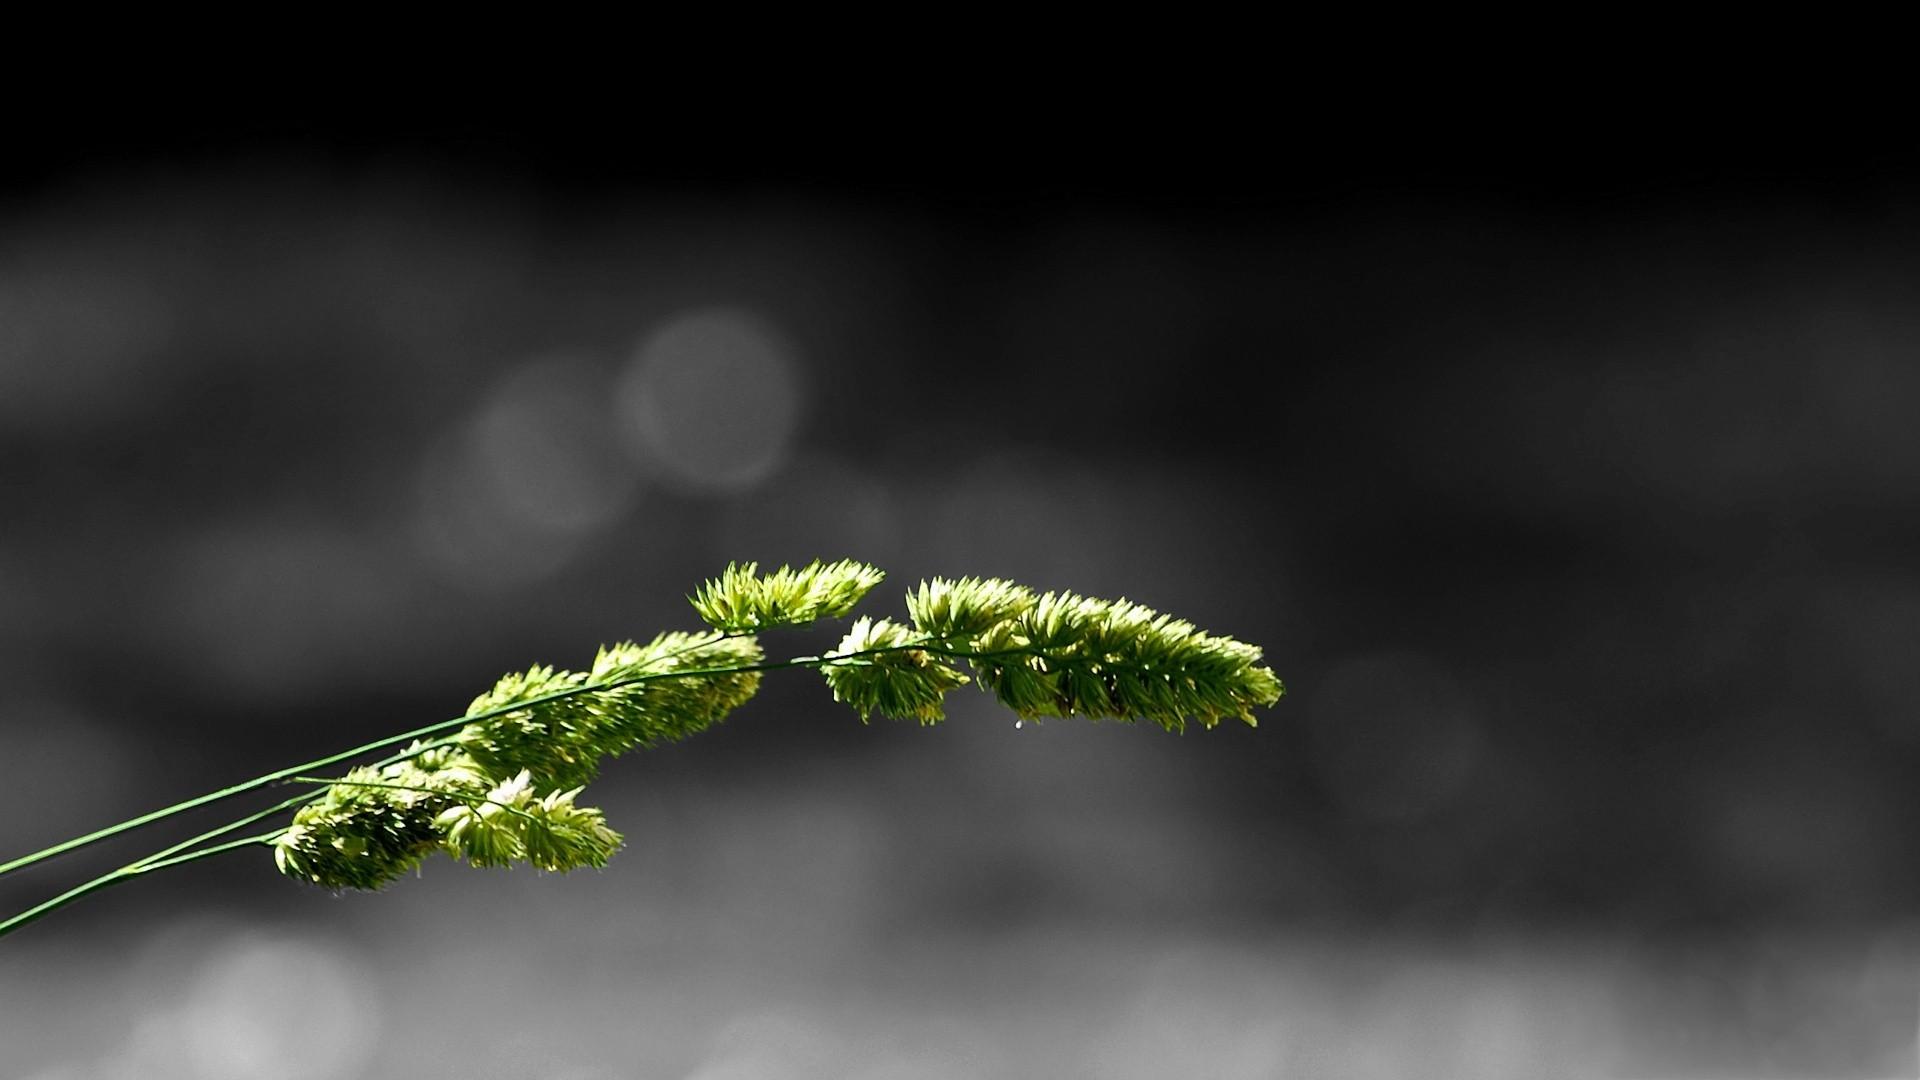 картинки минимализма фото четкие линии, стильный